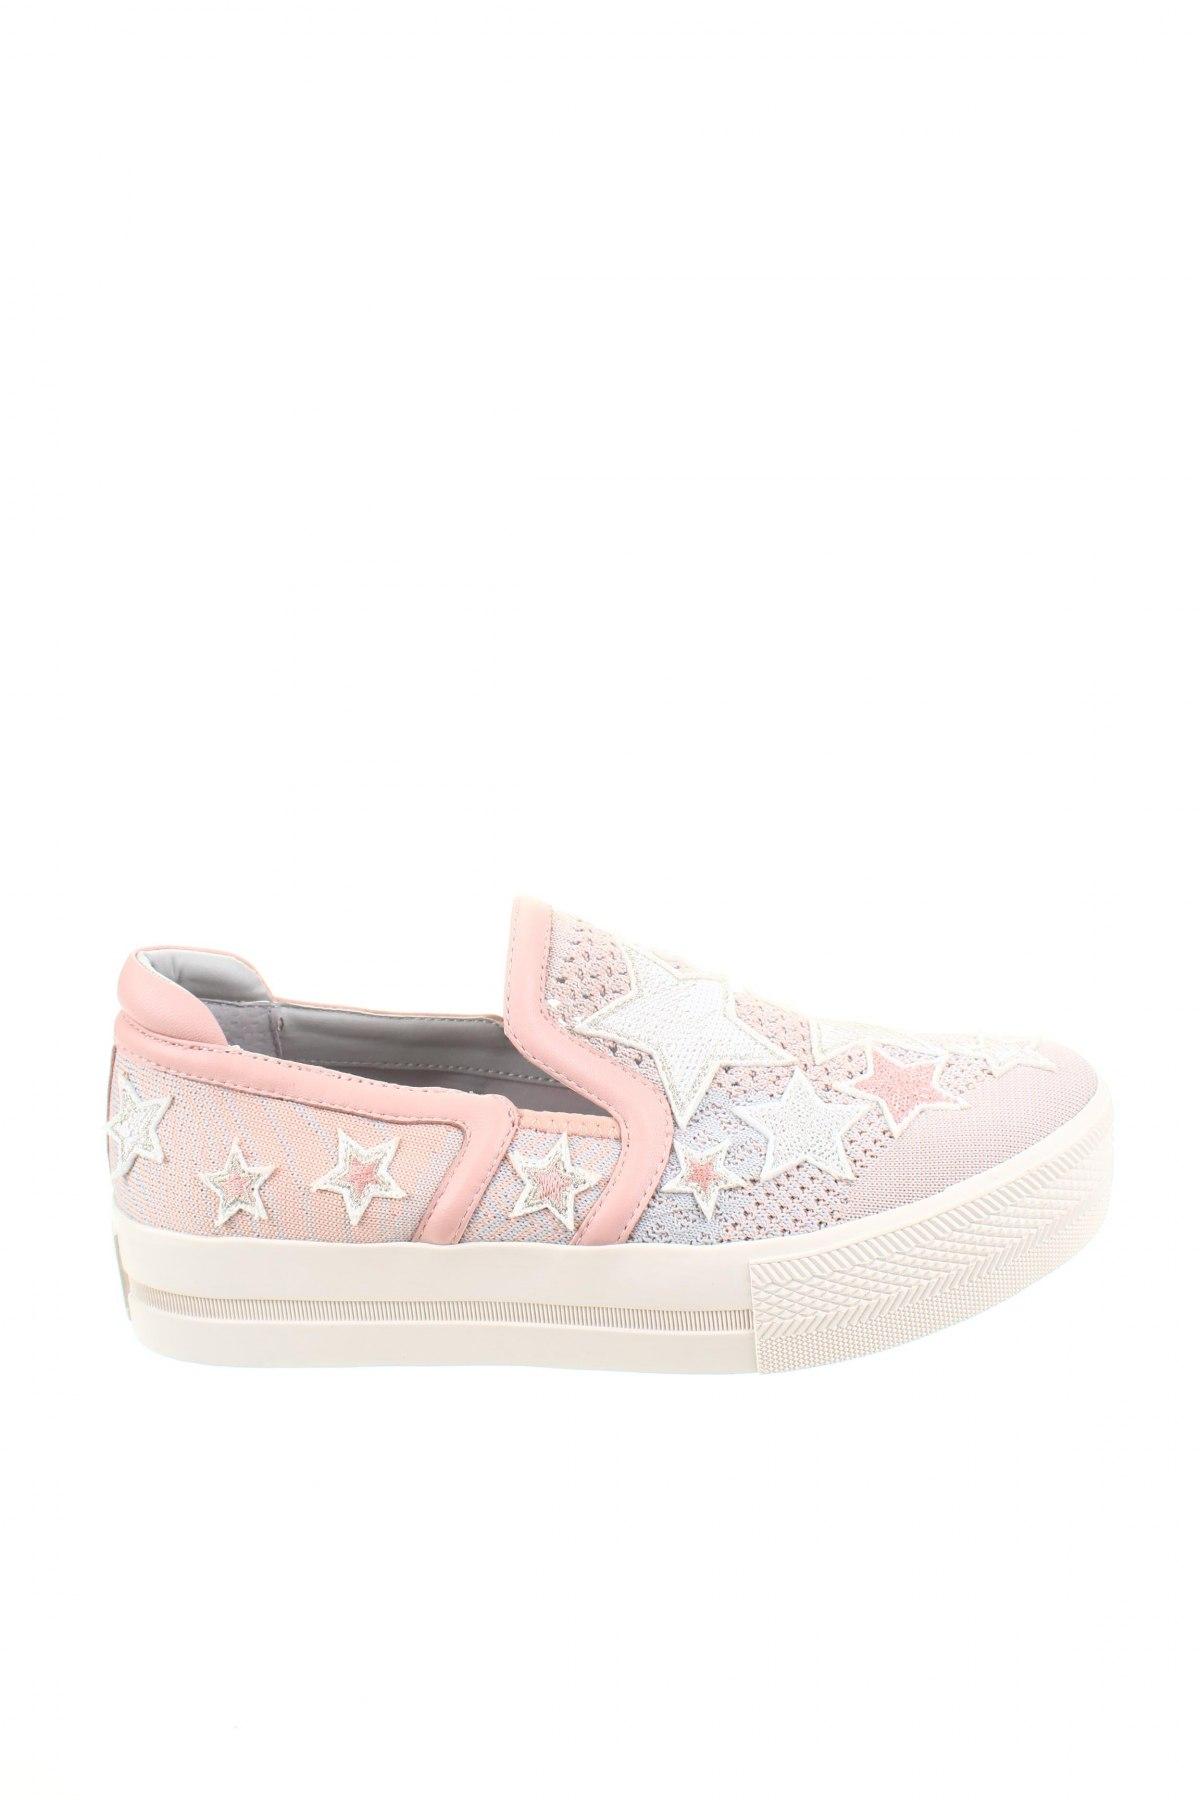 06a9c271e75 Γυναικεία παπούτσια Ash - σε συμφέρουσα τιμή στο Remix - #103759585